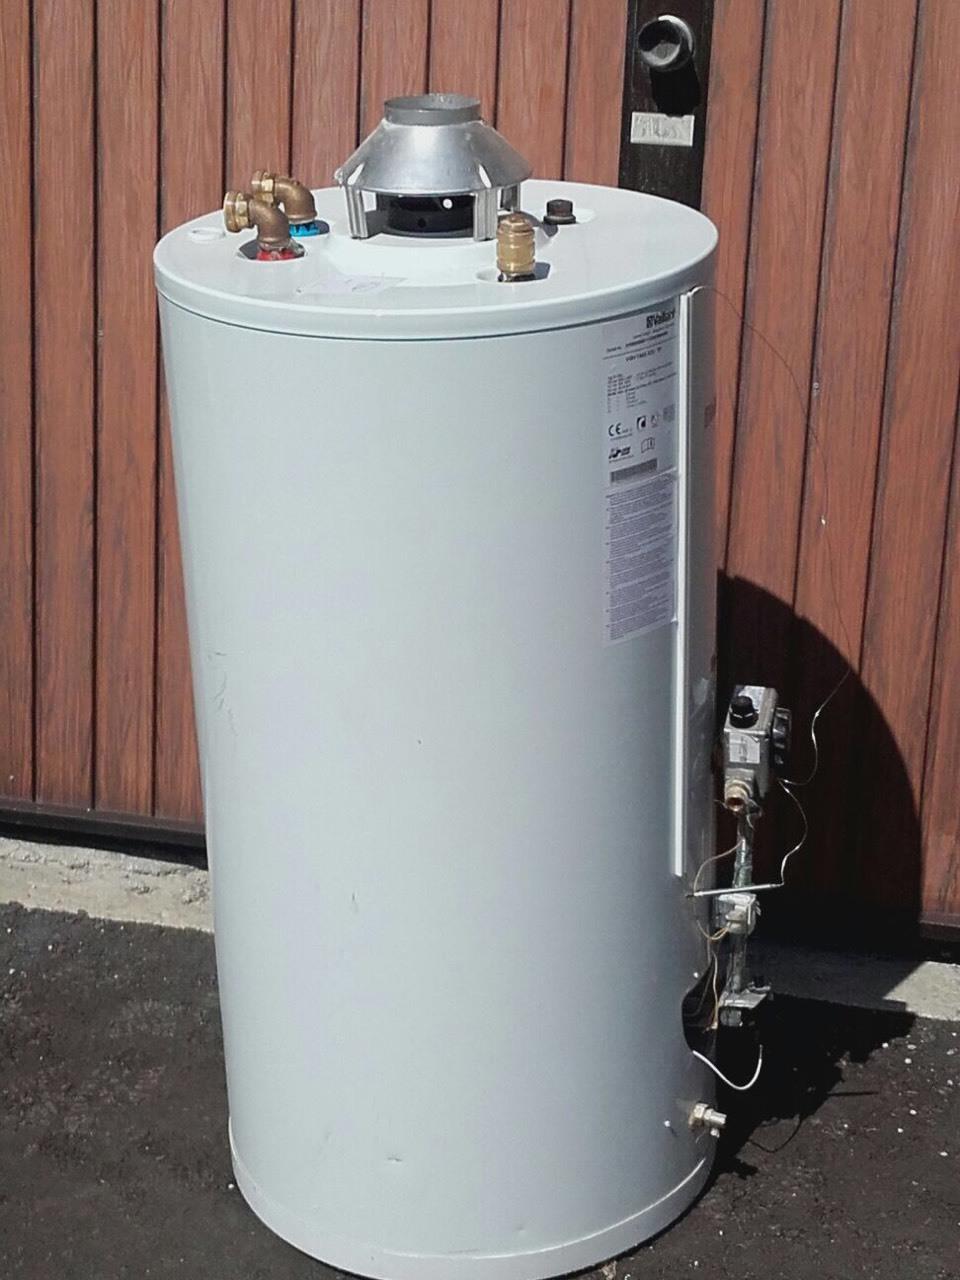 Vaillant Gas Warmwasserspeicher (Boiler)